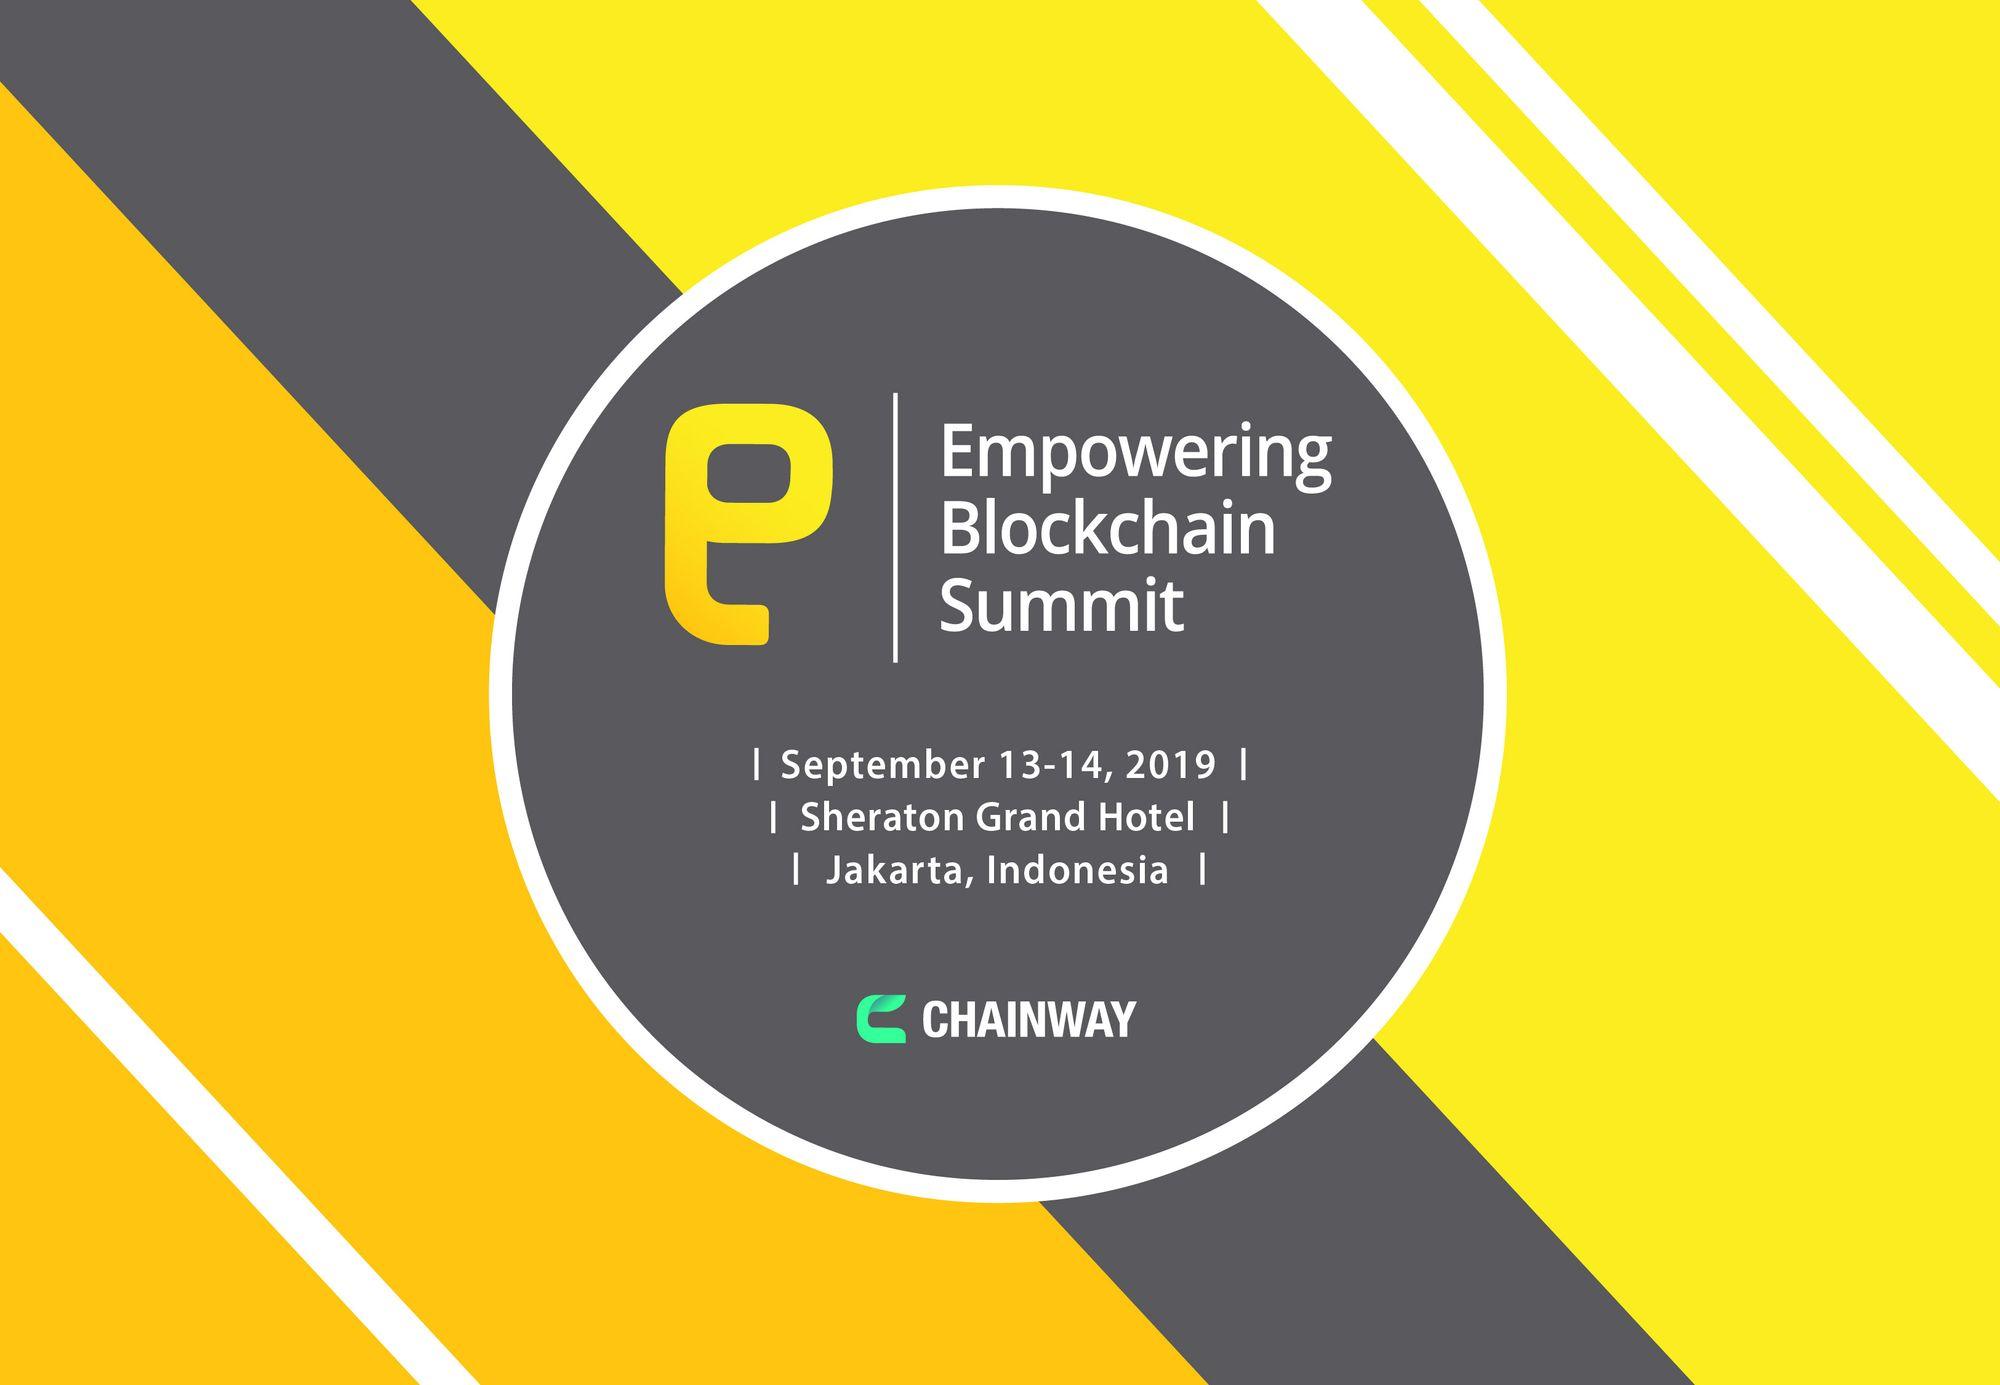 Empowering-Blockchain-Summit-2019